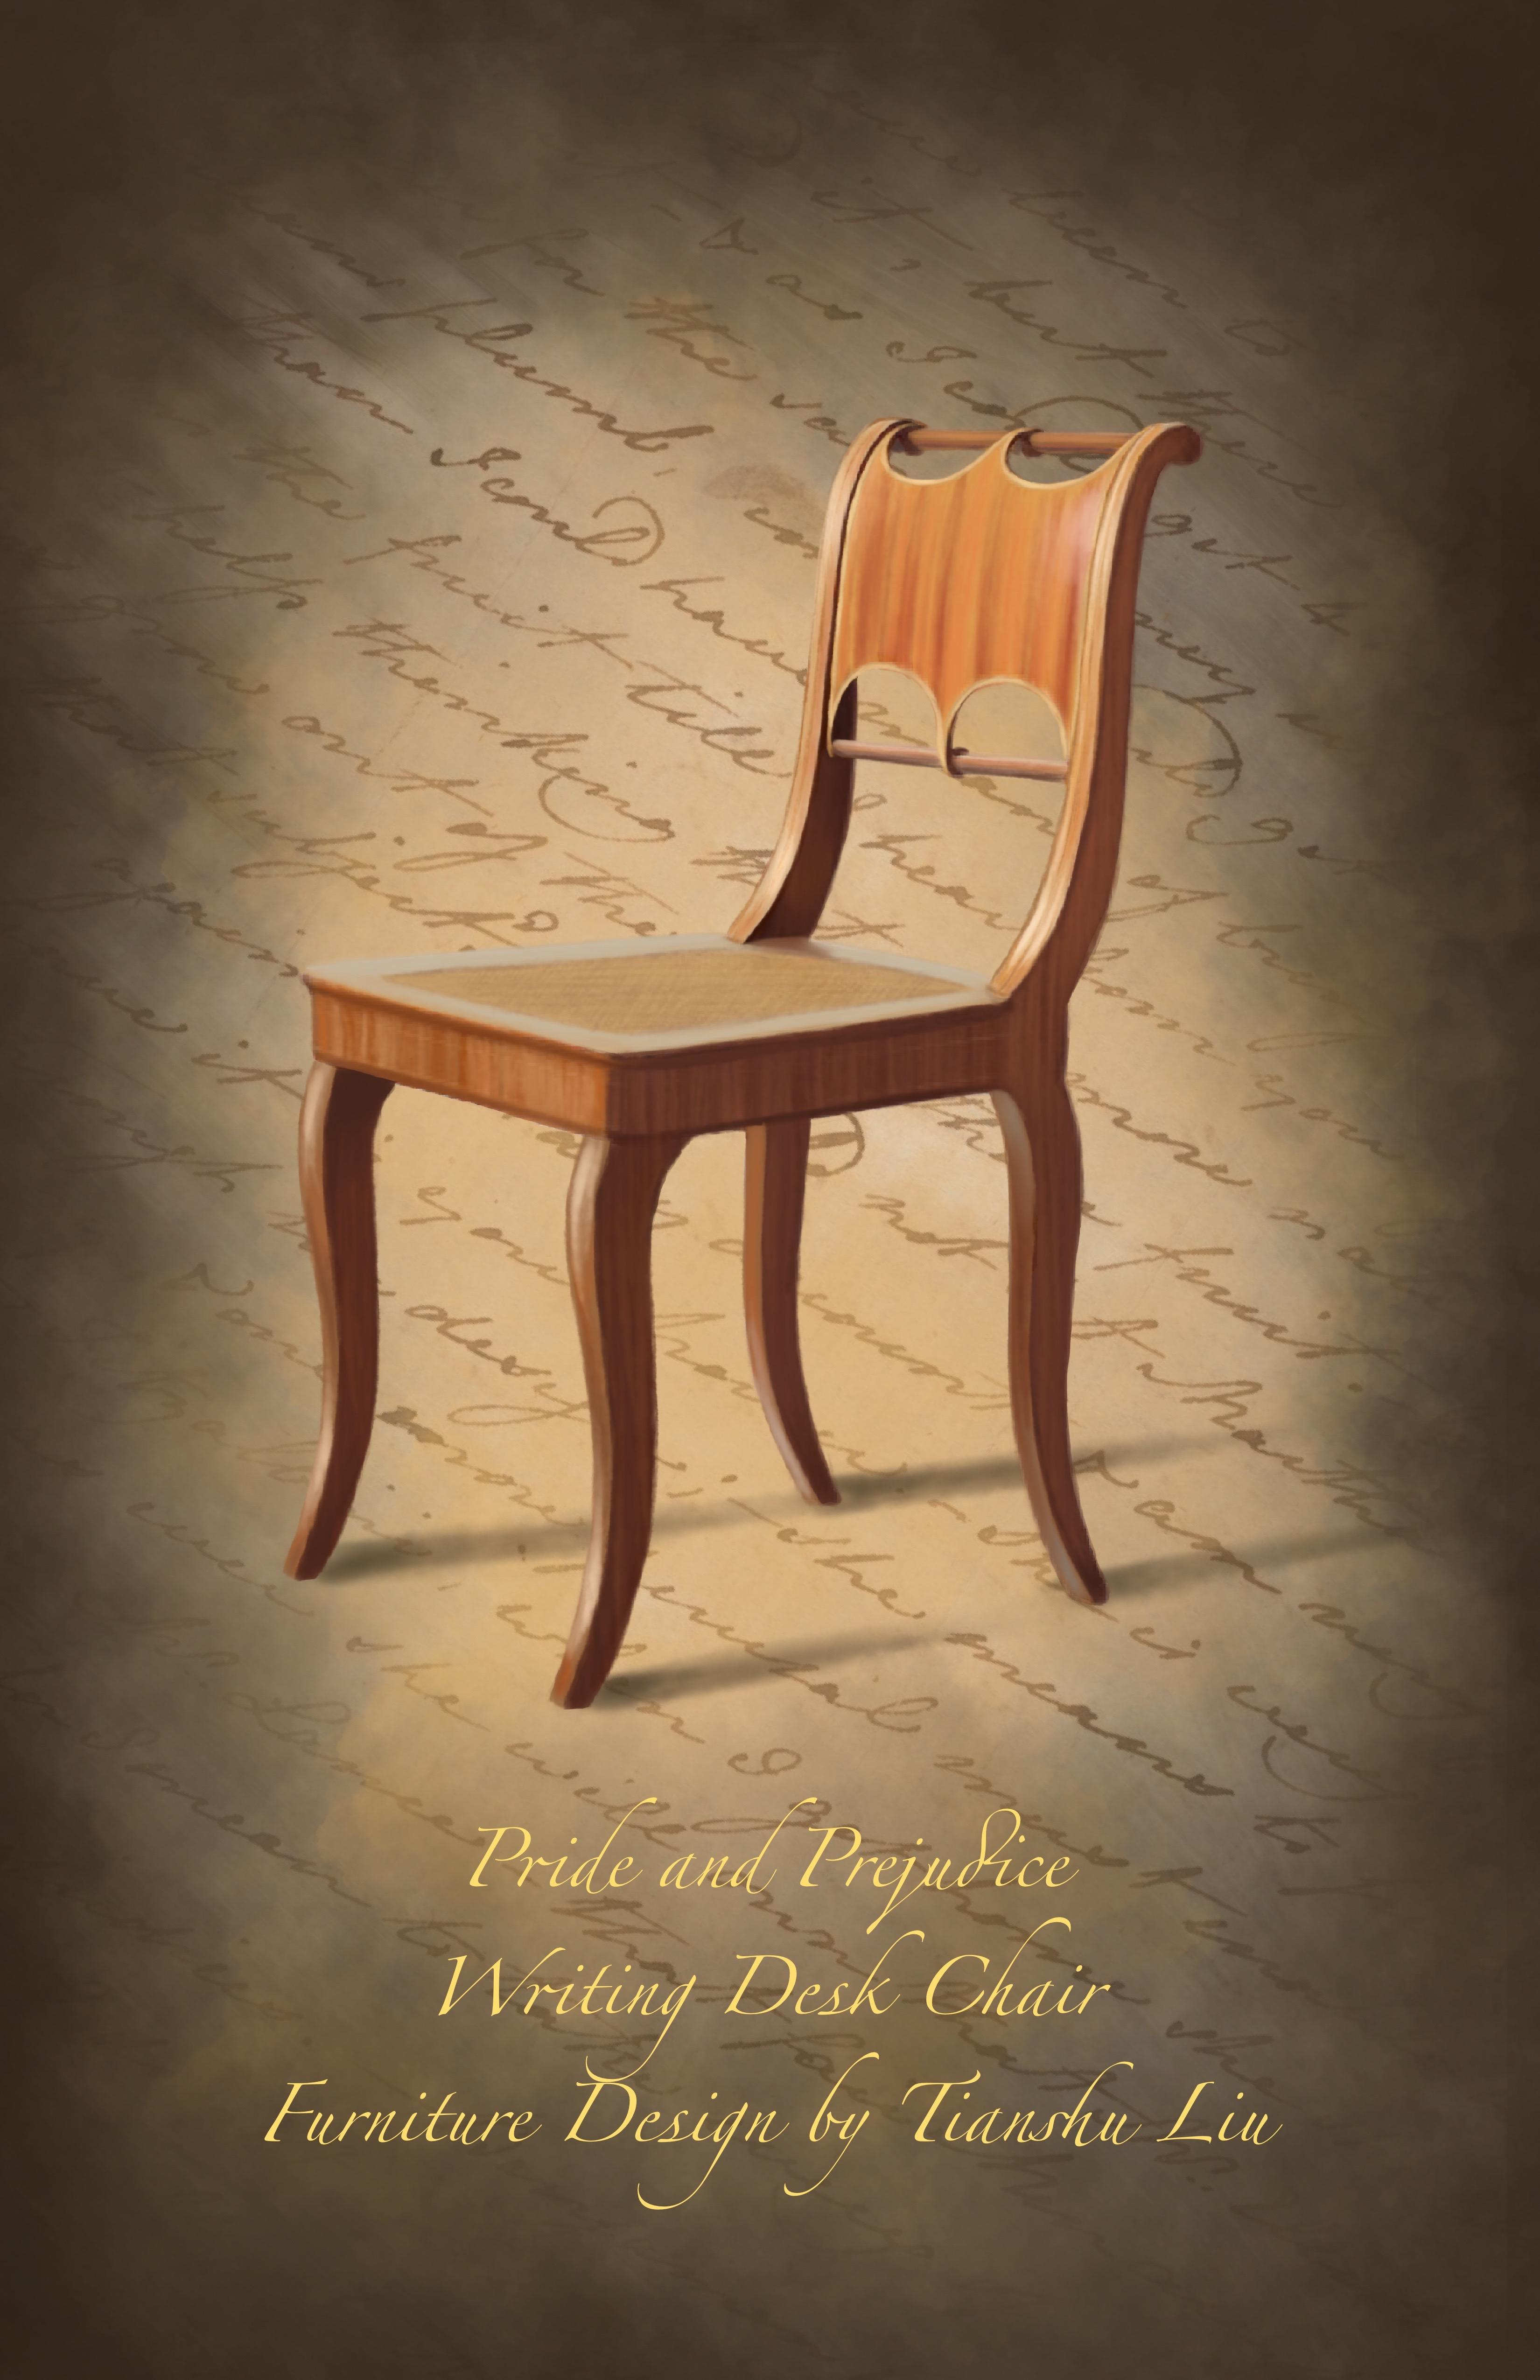 Chair Design for Pride & Prejudice